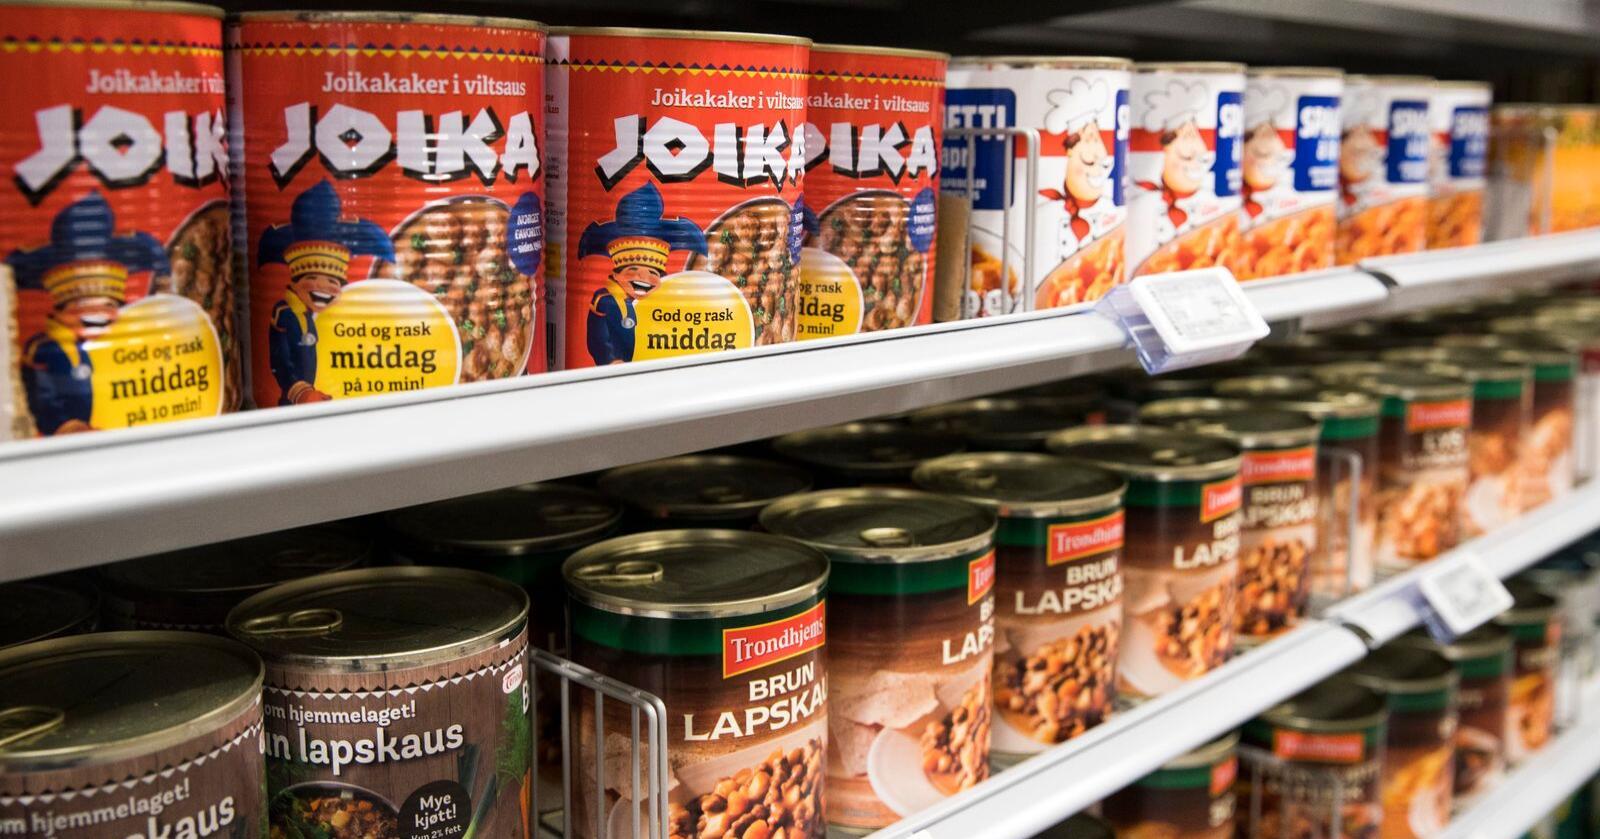 «Nærings- og fiskeridepartementet har etablert fleire tiltak for å sikre forsyningsberedskapen for matvarer i Noreg, mellom anna beredskapslager av visse matvarer som kan nyttast i situasjonar med alvorleg forsyningssvikt», skriver departementet i en e-post til NRK. Illustrasjonsfoto: Terje Pedersen / NTB scanpix